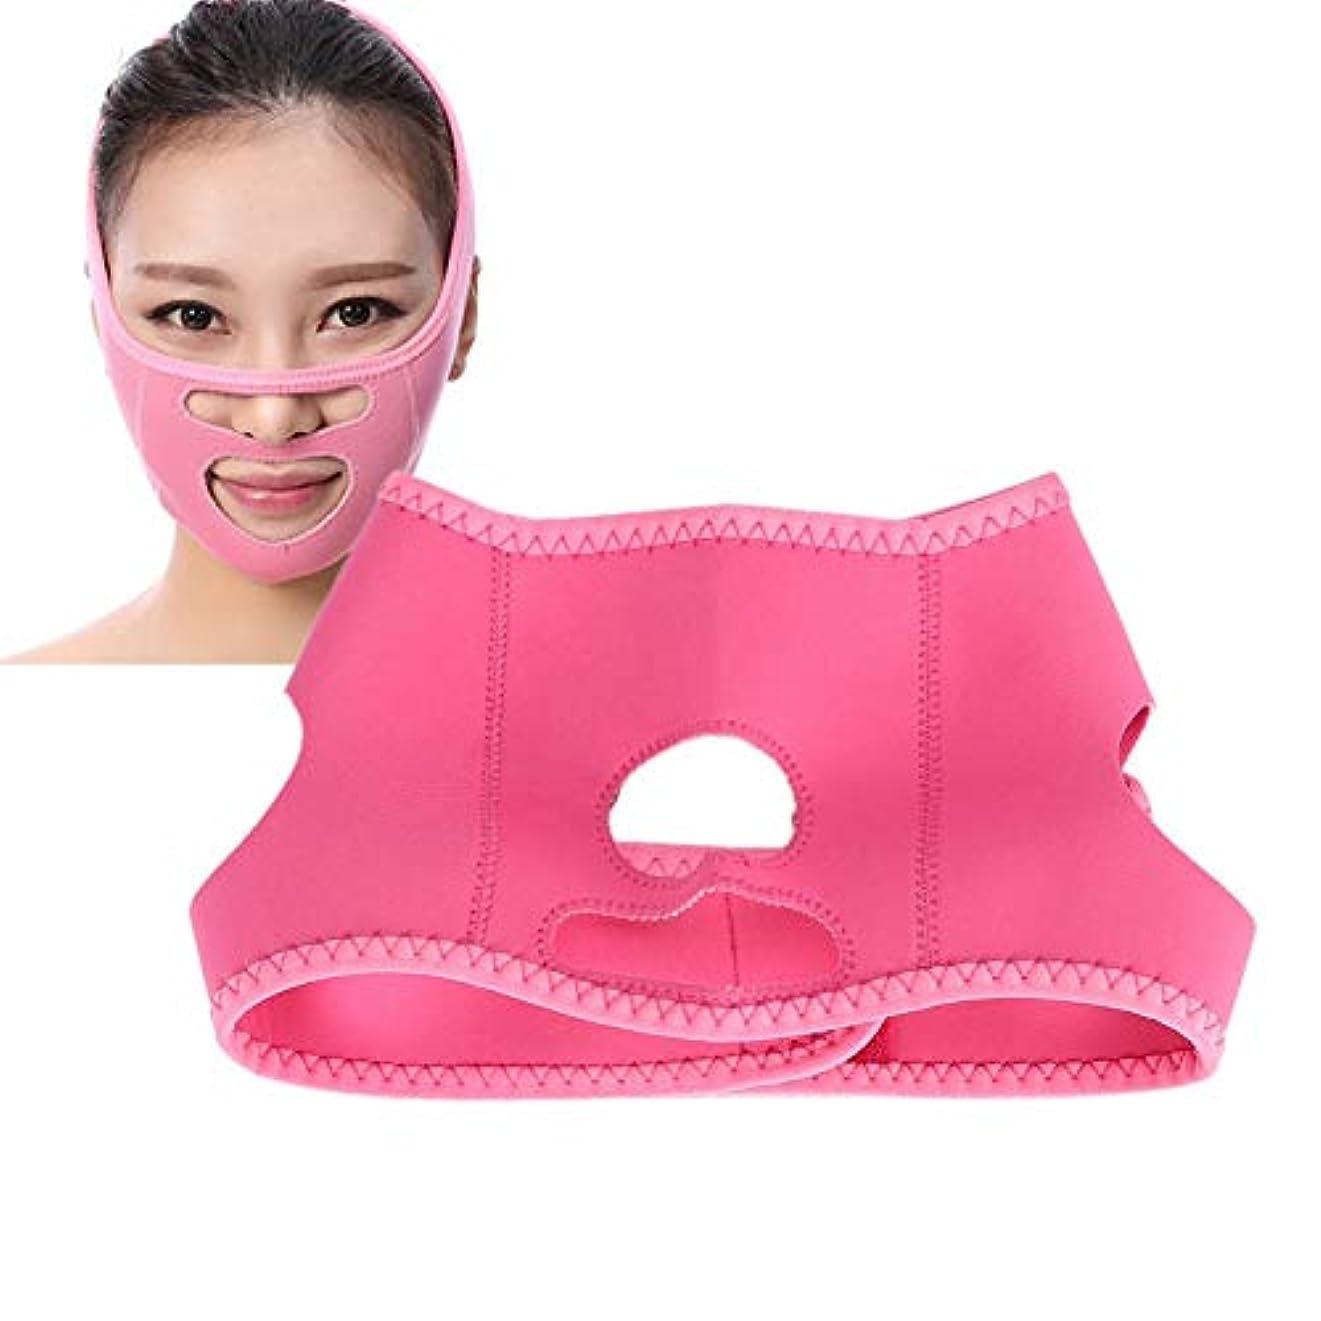 シャー展開する隔離フェイスマスク 低反発素材 通気 小顔 矯正 顔痩せ 筋肉弛緩 二重あご 補正ベルト